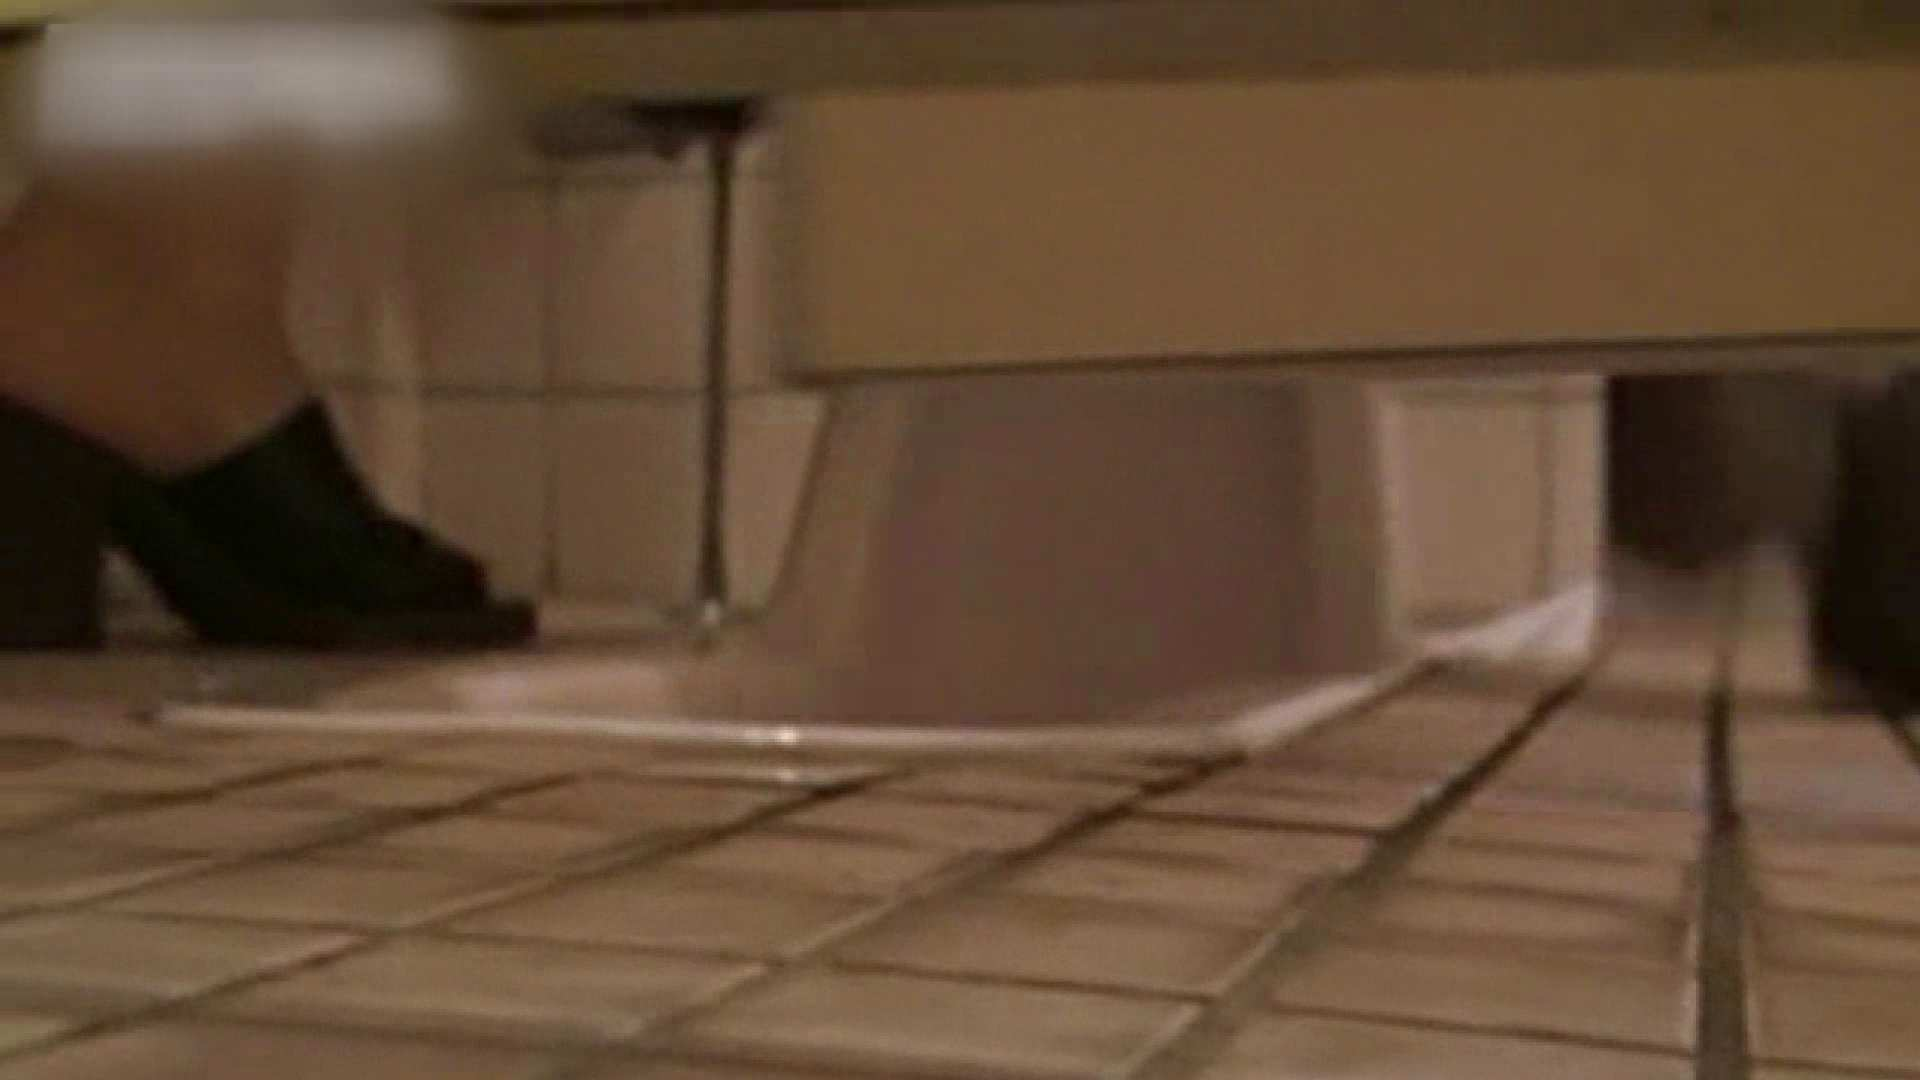 ロックハンドさんの盗撮記録File.63 厠・・・ 盗み撮り動画 92PIX 29